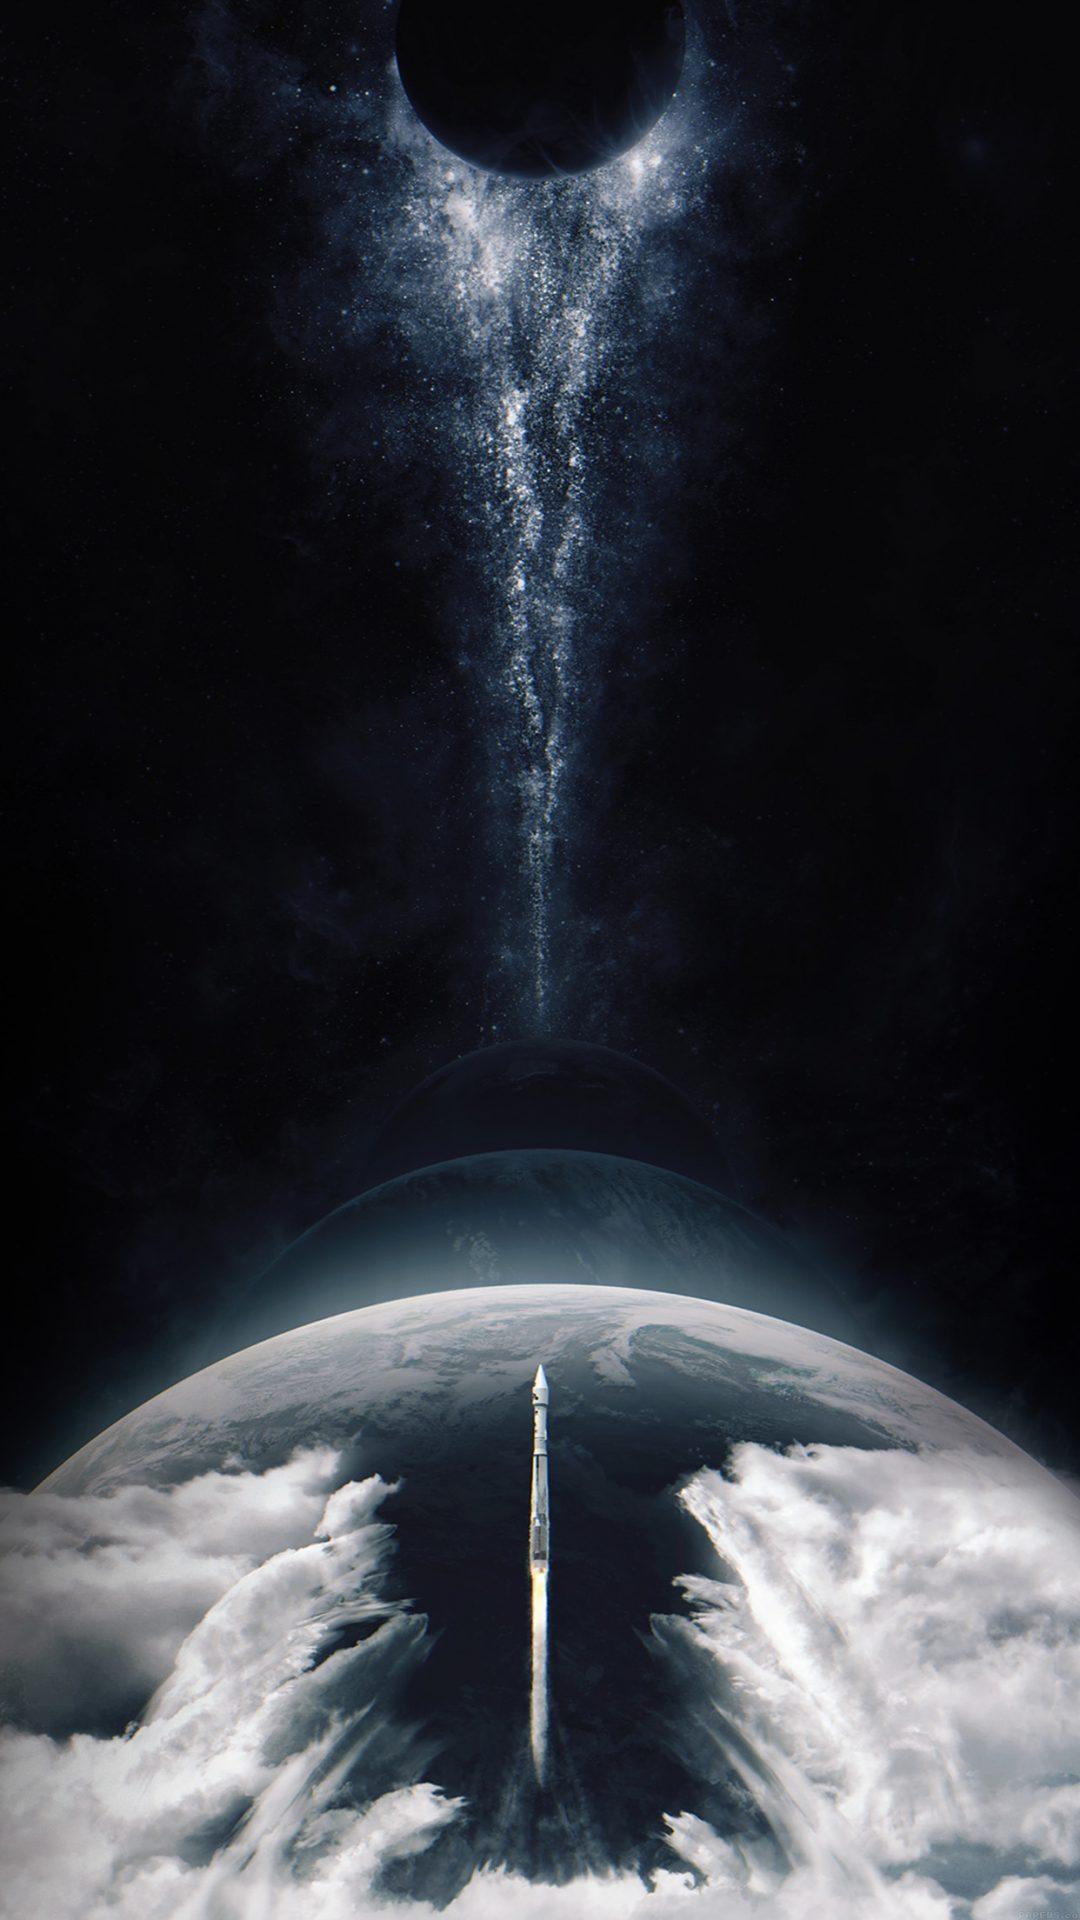 Space Insterstellar Art